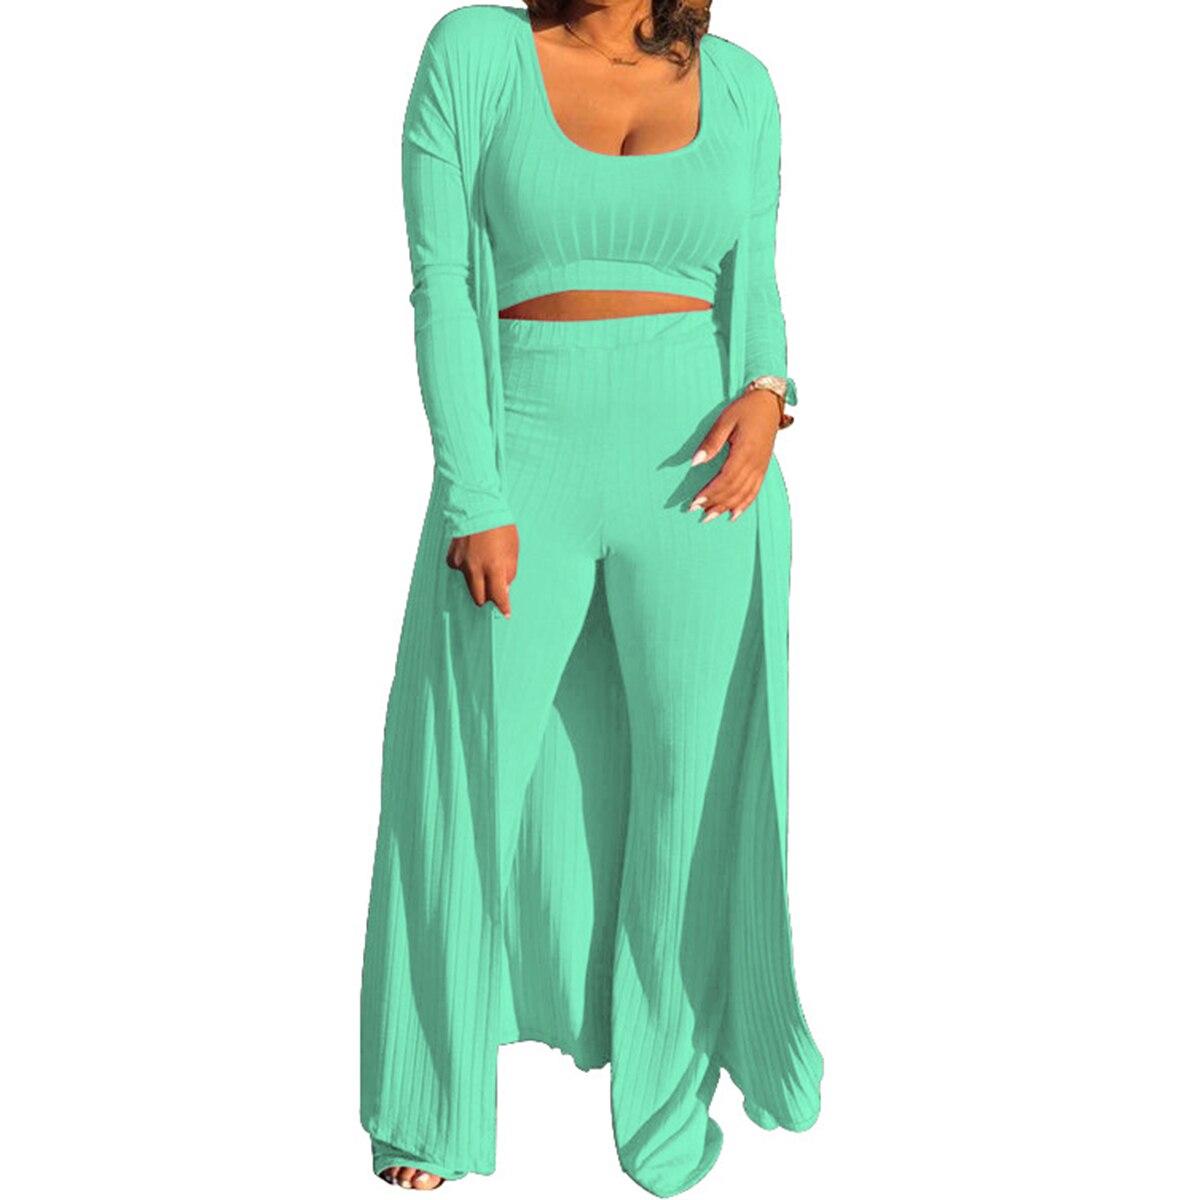 Recién llegado, conjunto de 3 piezas para mujer, de Color sólido camiseta sin mangas, pantalones y abrigo, conjunto para mujer, conjunto de ropa de punto, trajes de mujer